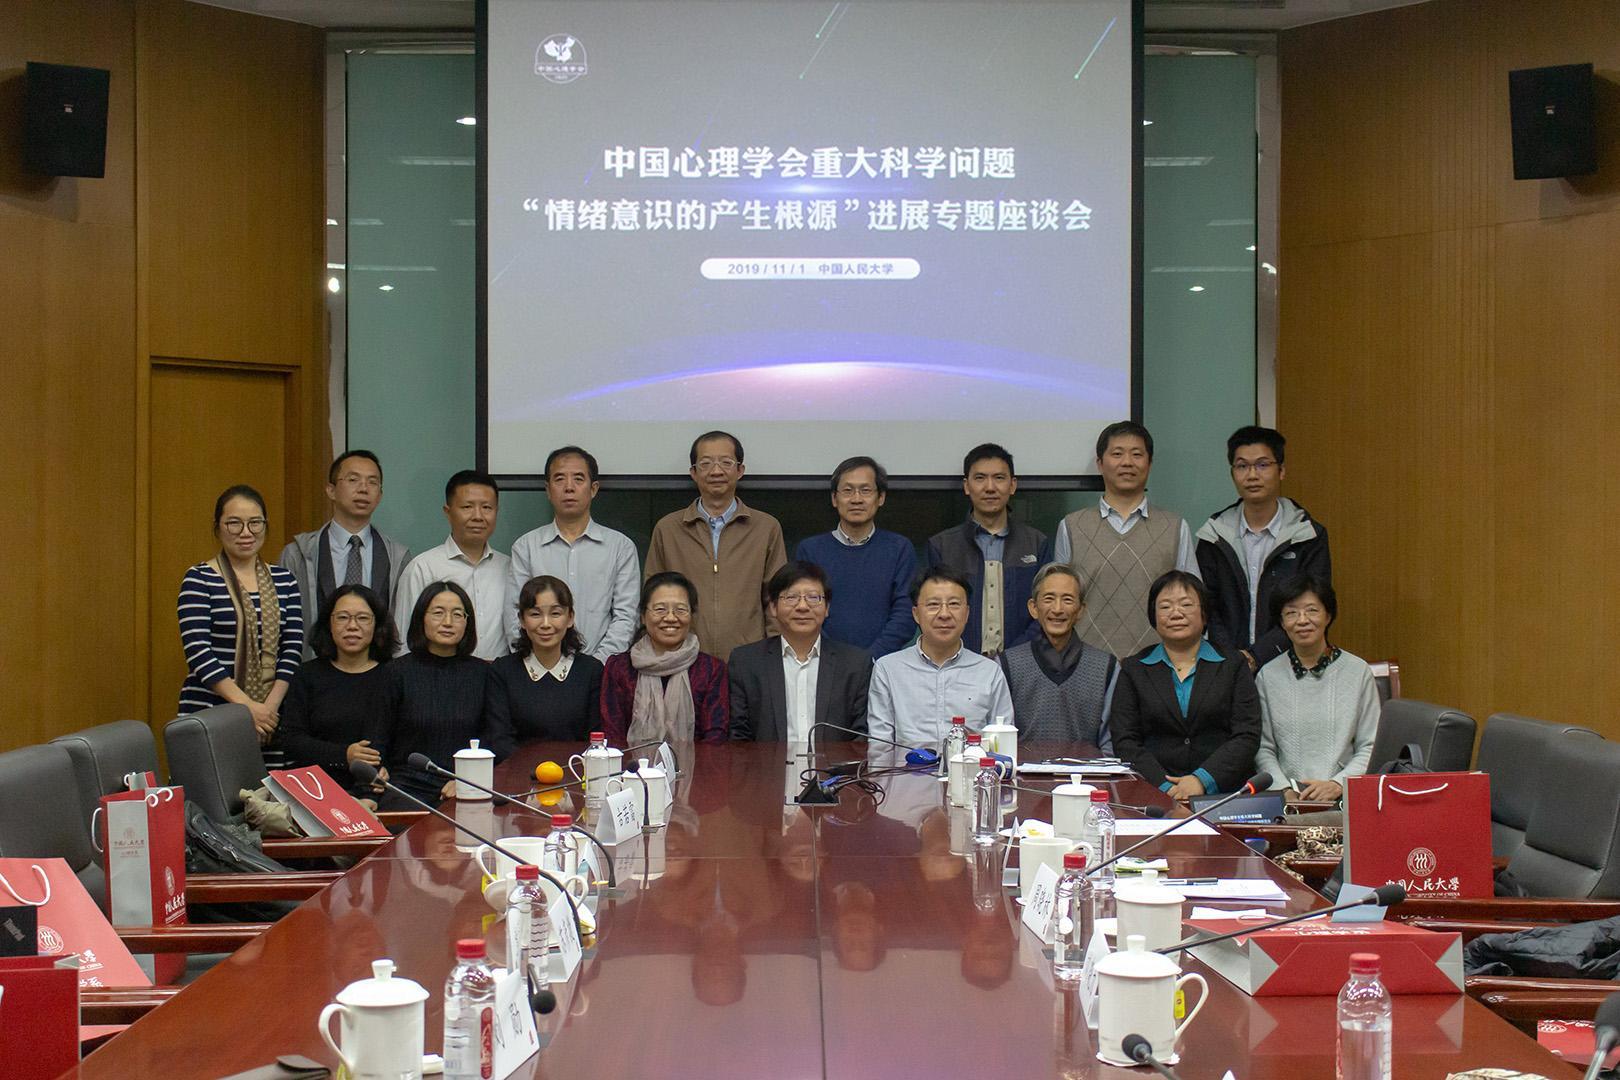 """中国心理学会重大科学问题""""情绪意识的产生根源""""进展专题座谈会在中国人民大学举行(图)"""